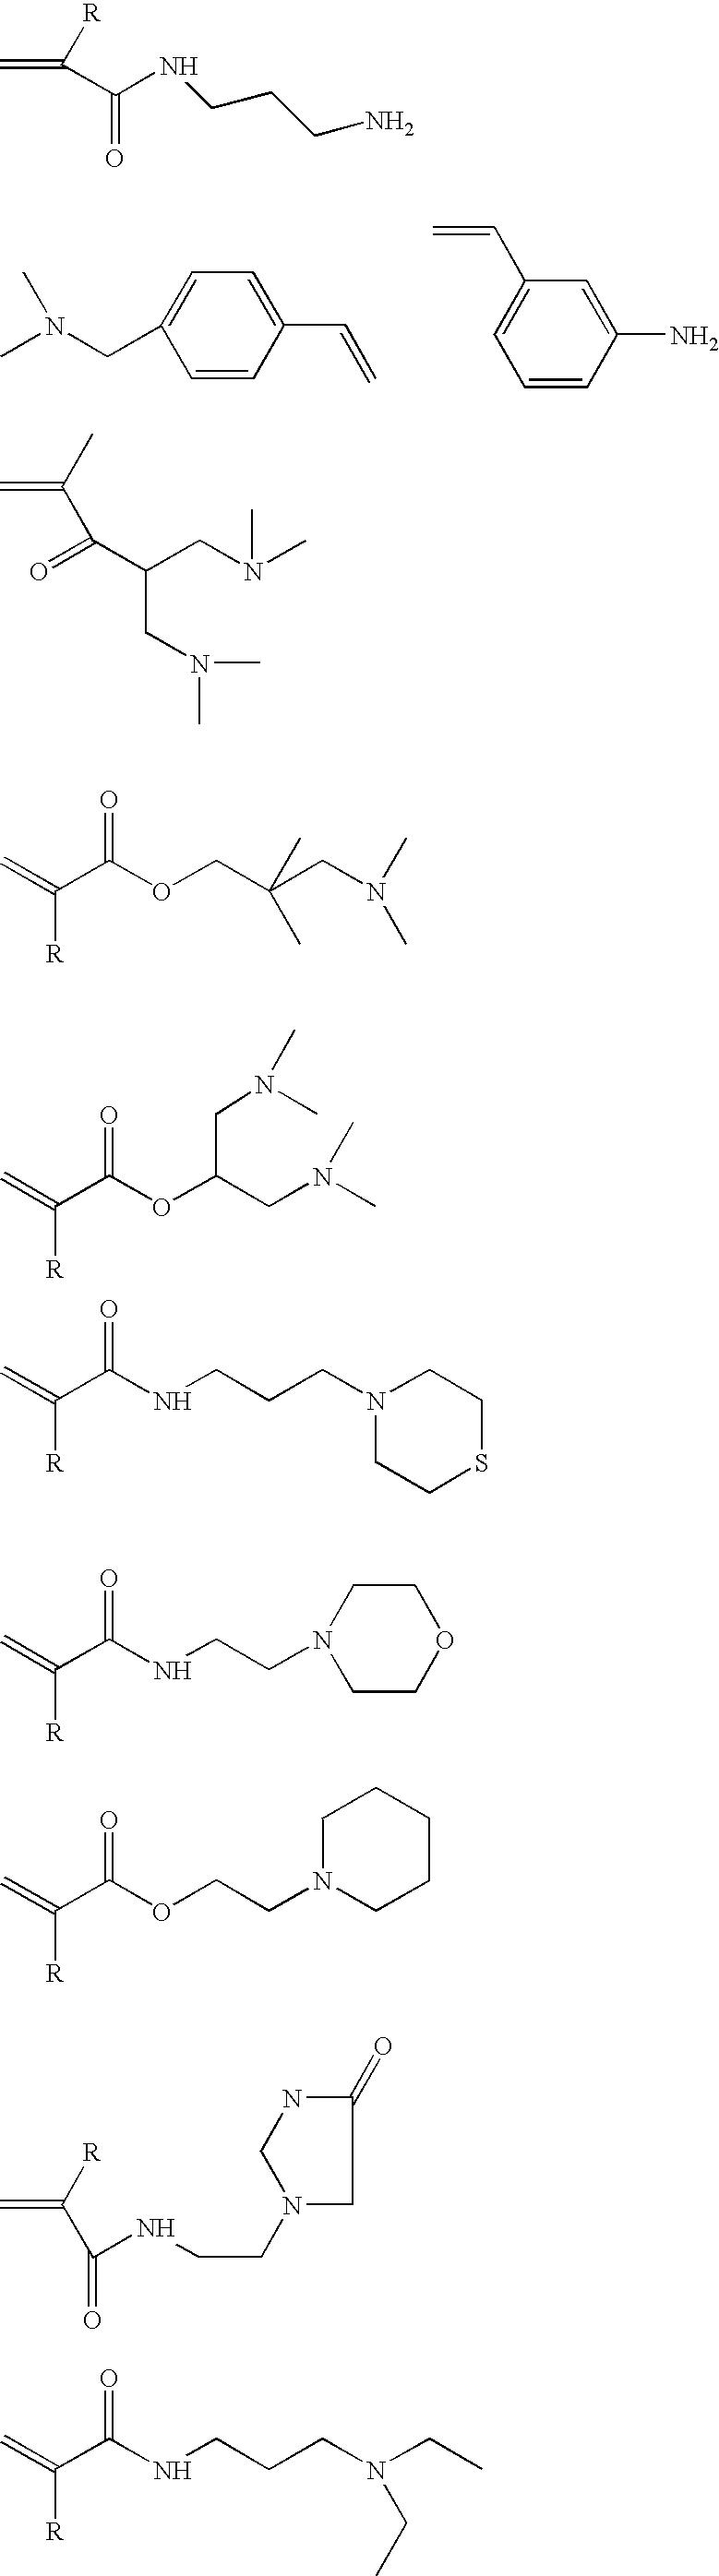 Figure US20090202465A1-20090813-C00031